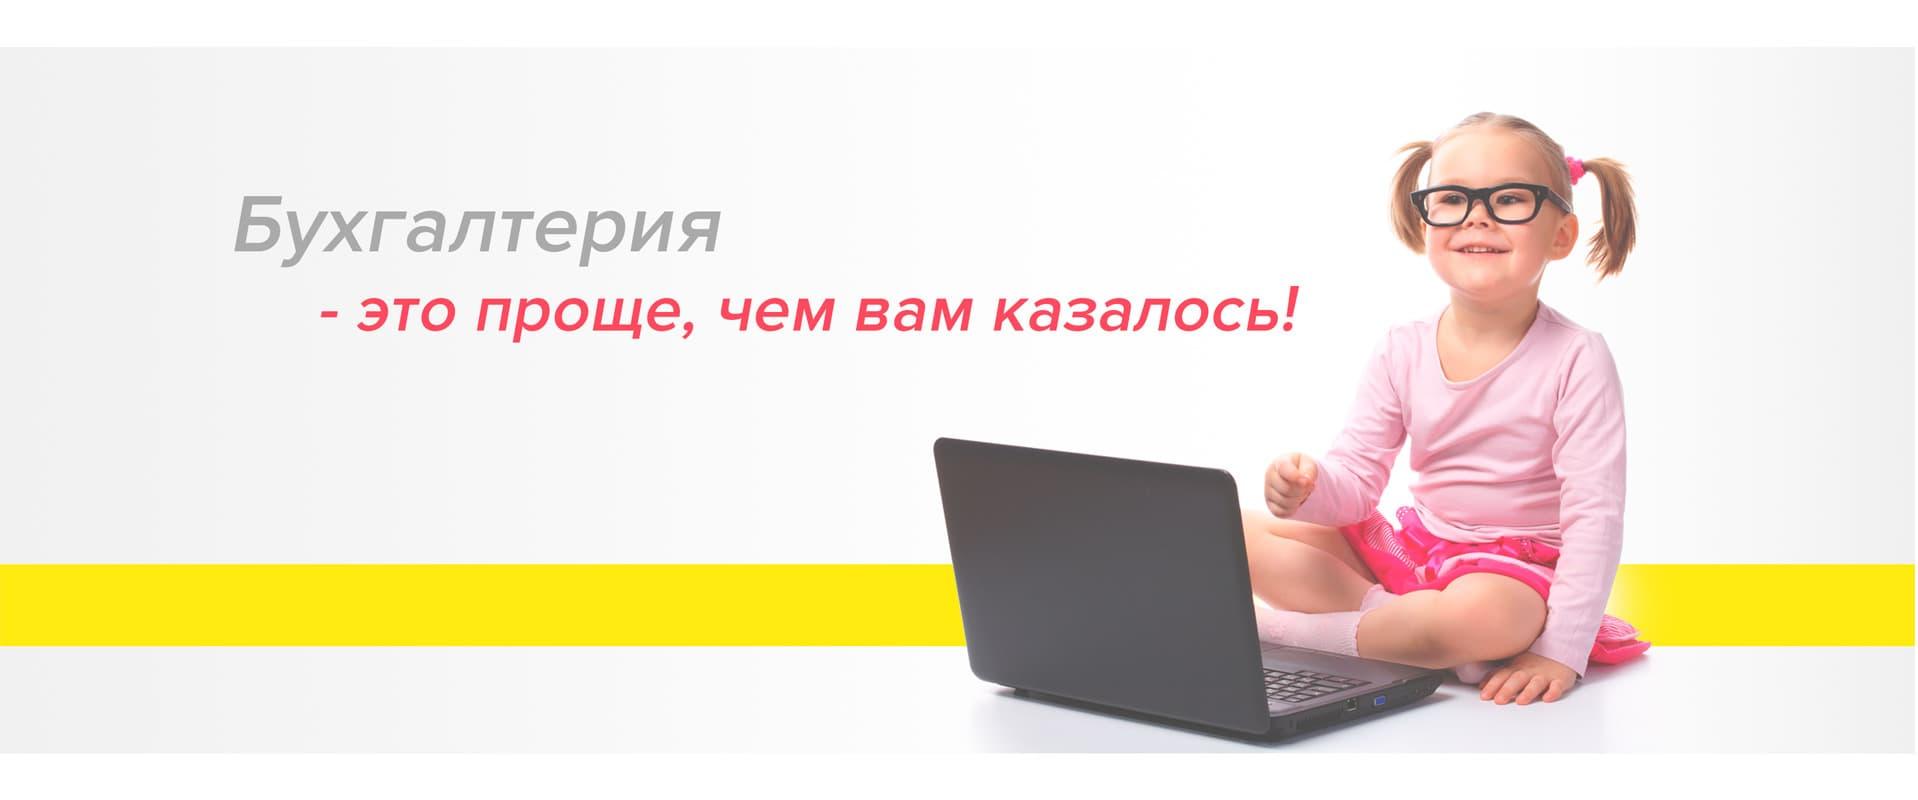 Аутсорсинговое бухгалтерское обслуживание усн подключение к электронной отчетности расходы